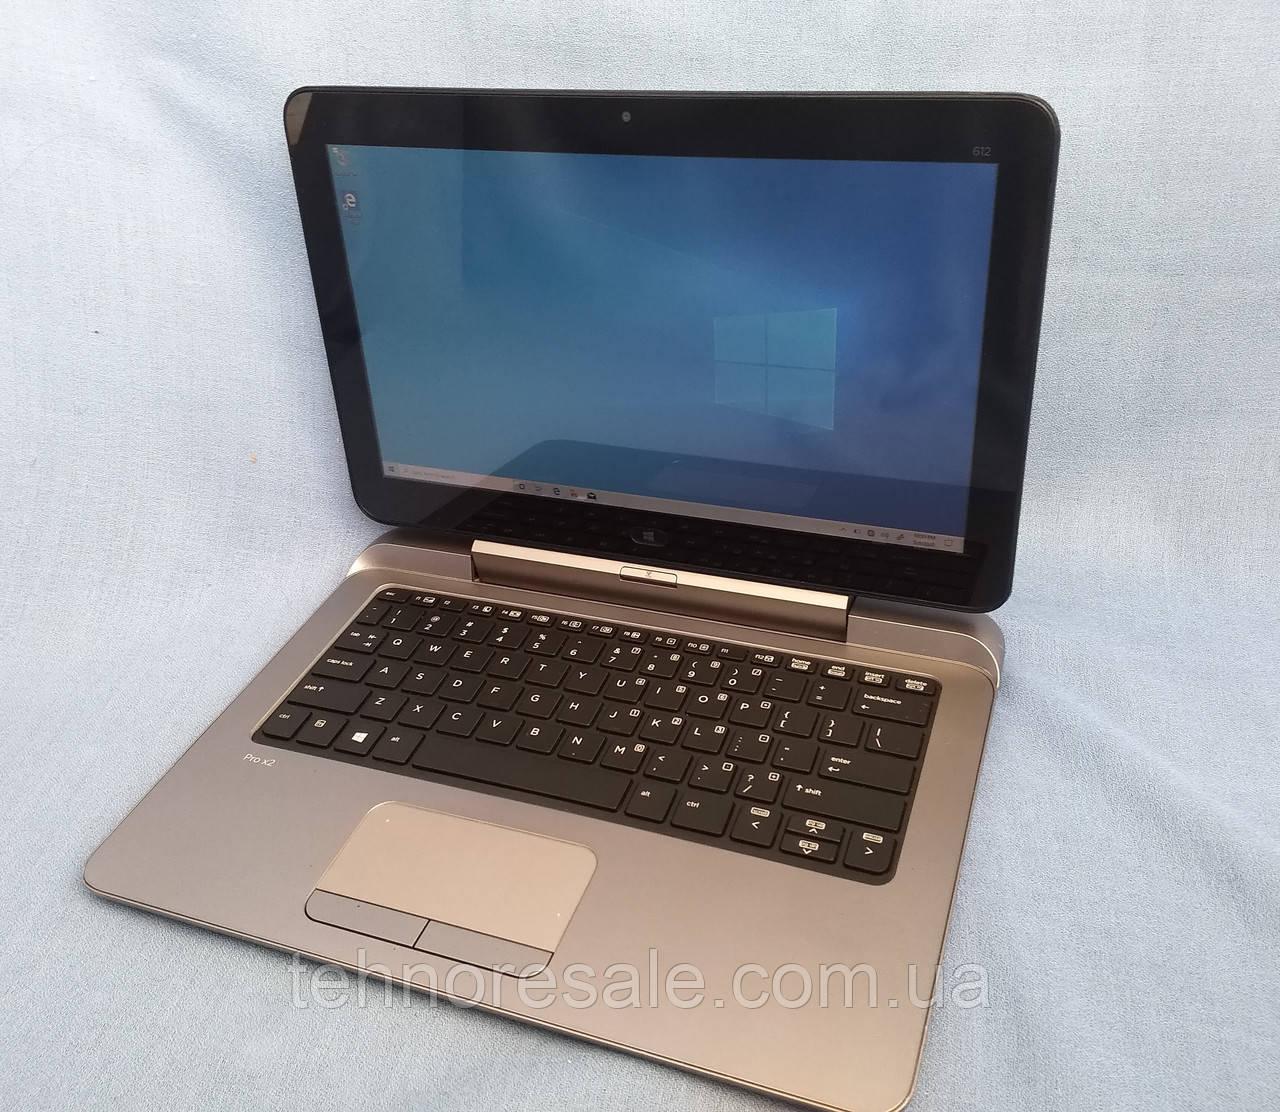 Планшет HP Pro x2 612 G1, 12,5'', 4/64Gb, Wi-fi, клавиатура, новые батареи, Windows 10 pro